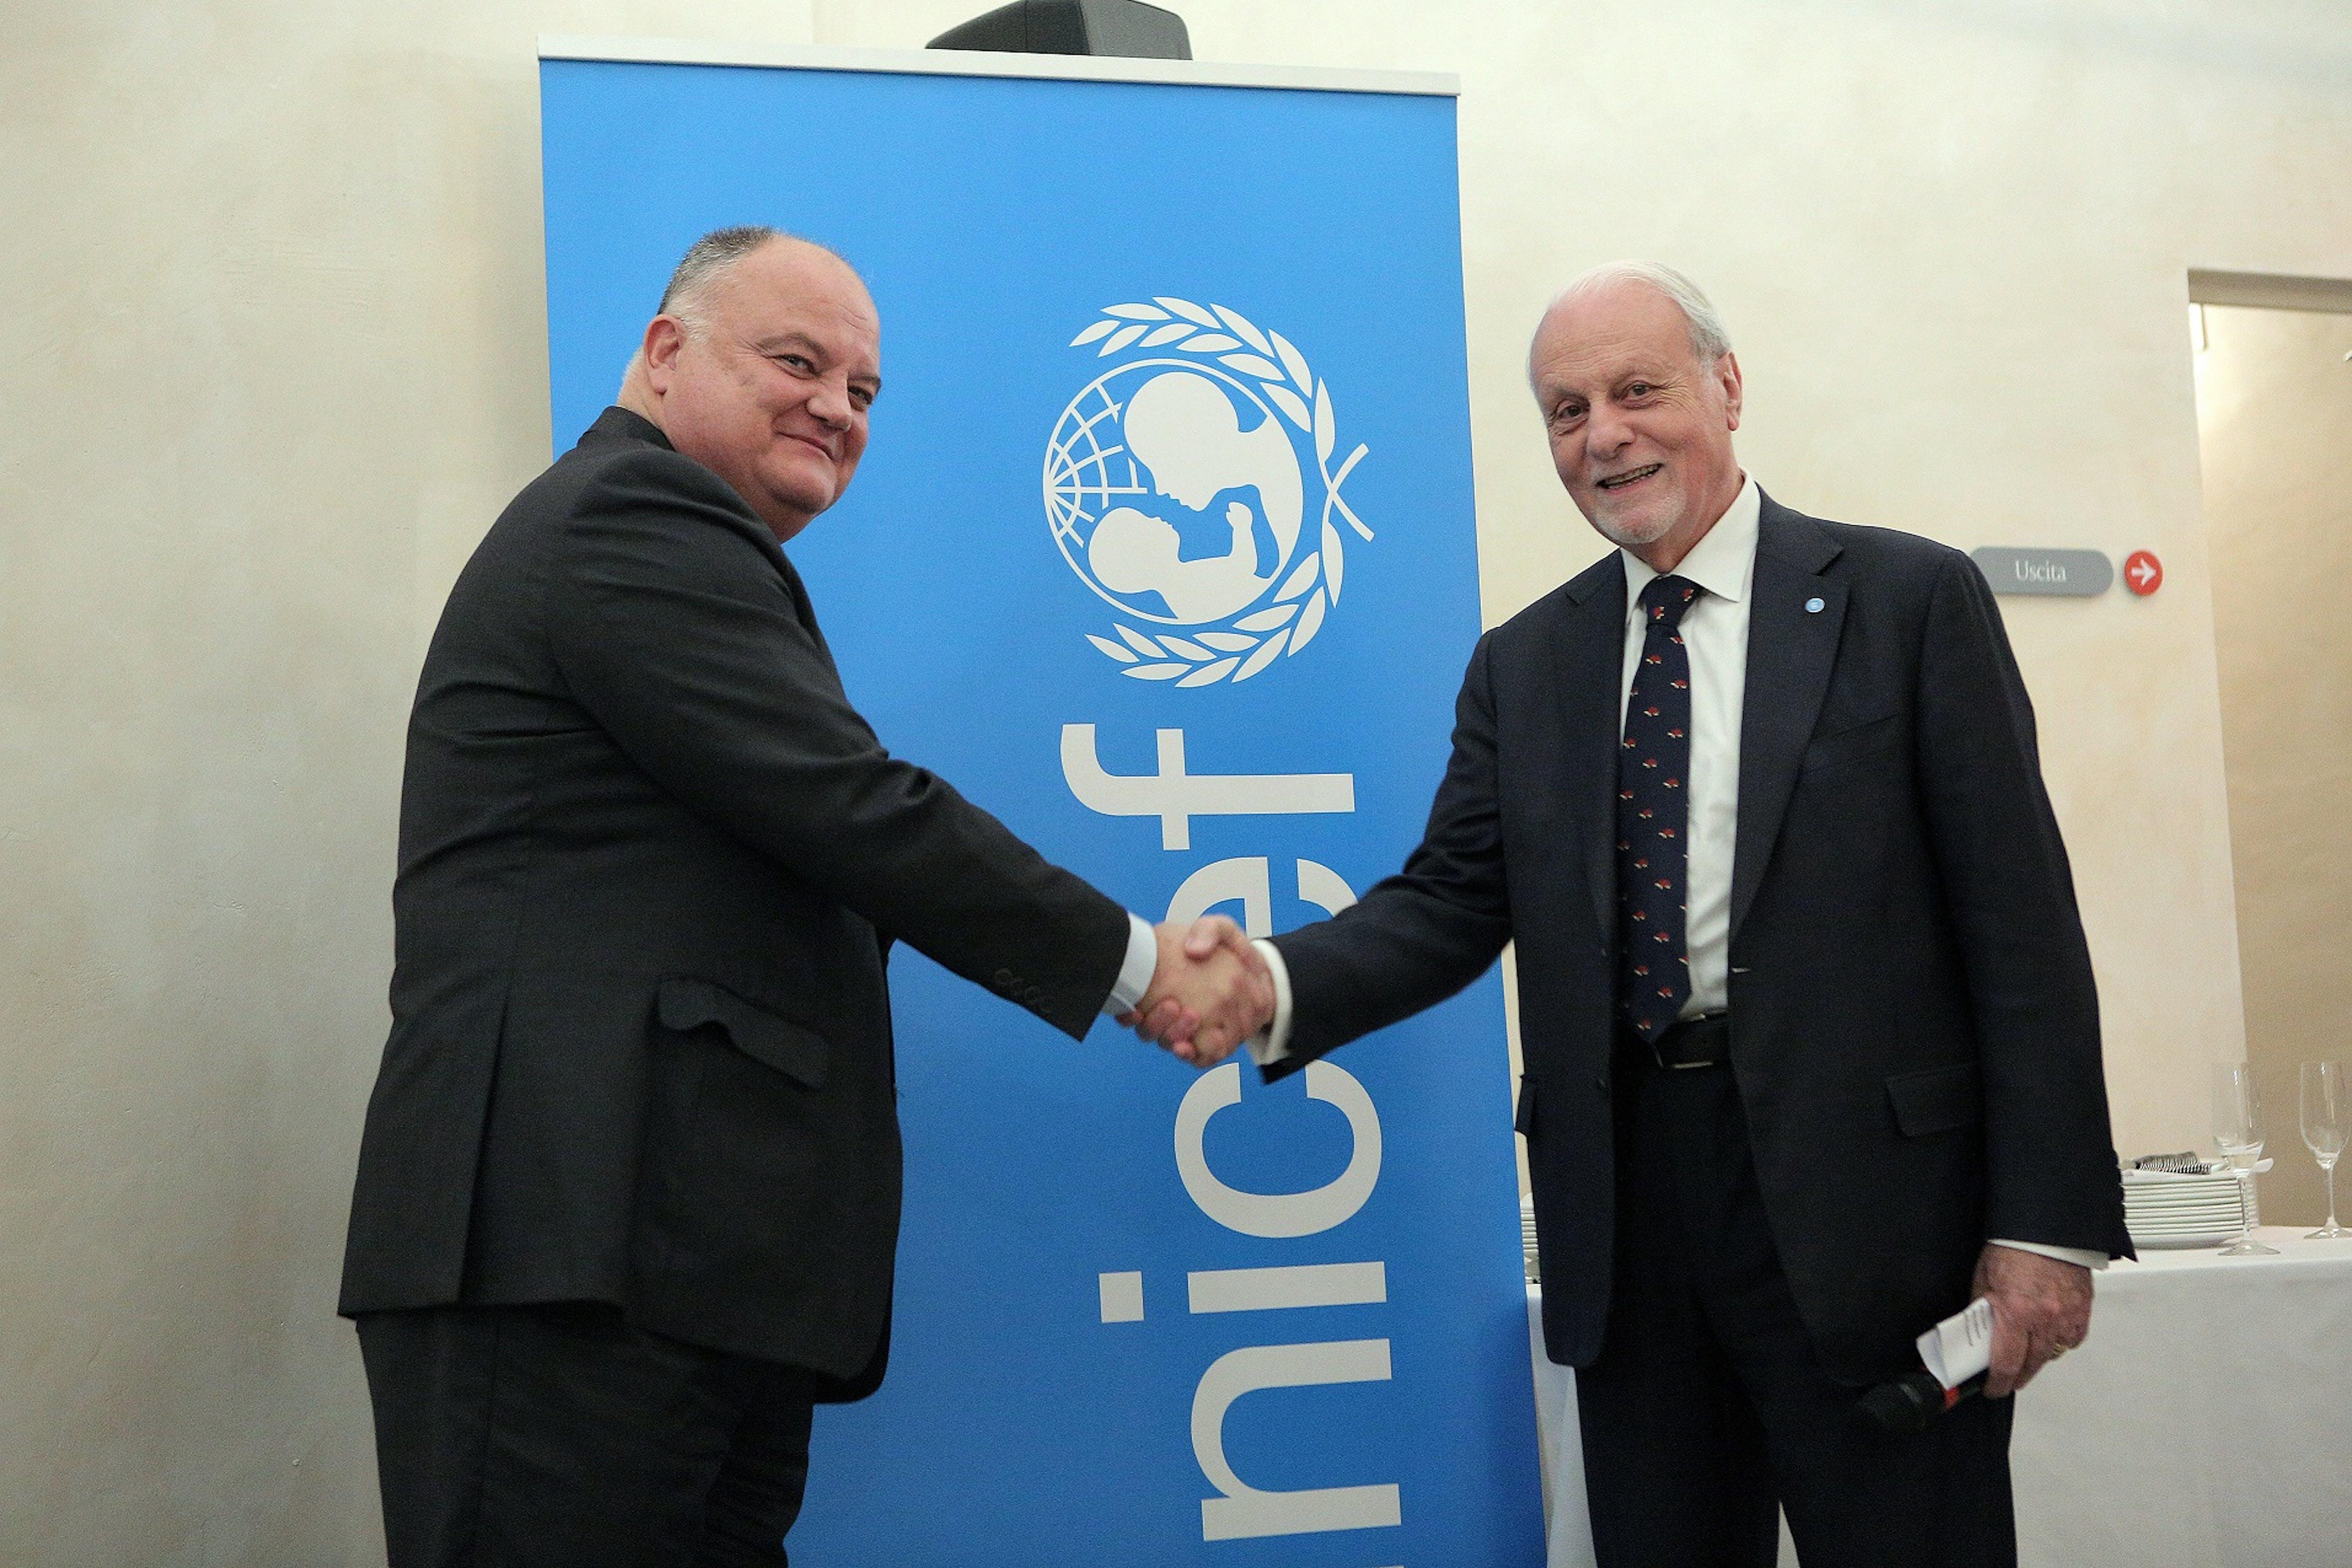 Nella foto Giacomo Guerrera, presidente Unicef Italia, e Sergi Loughney, direttore dell' Abertis